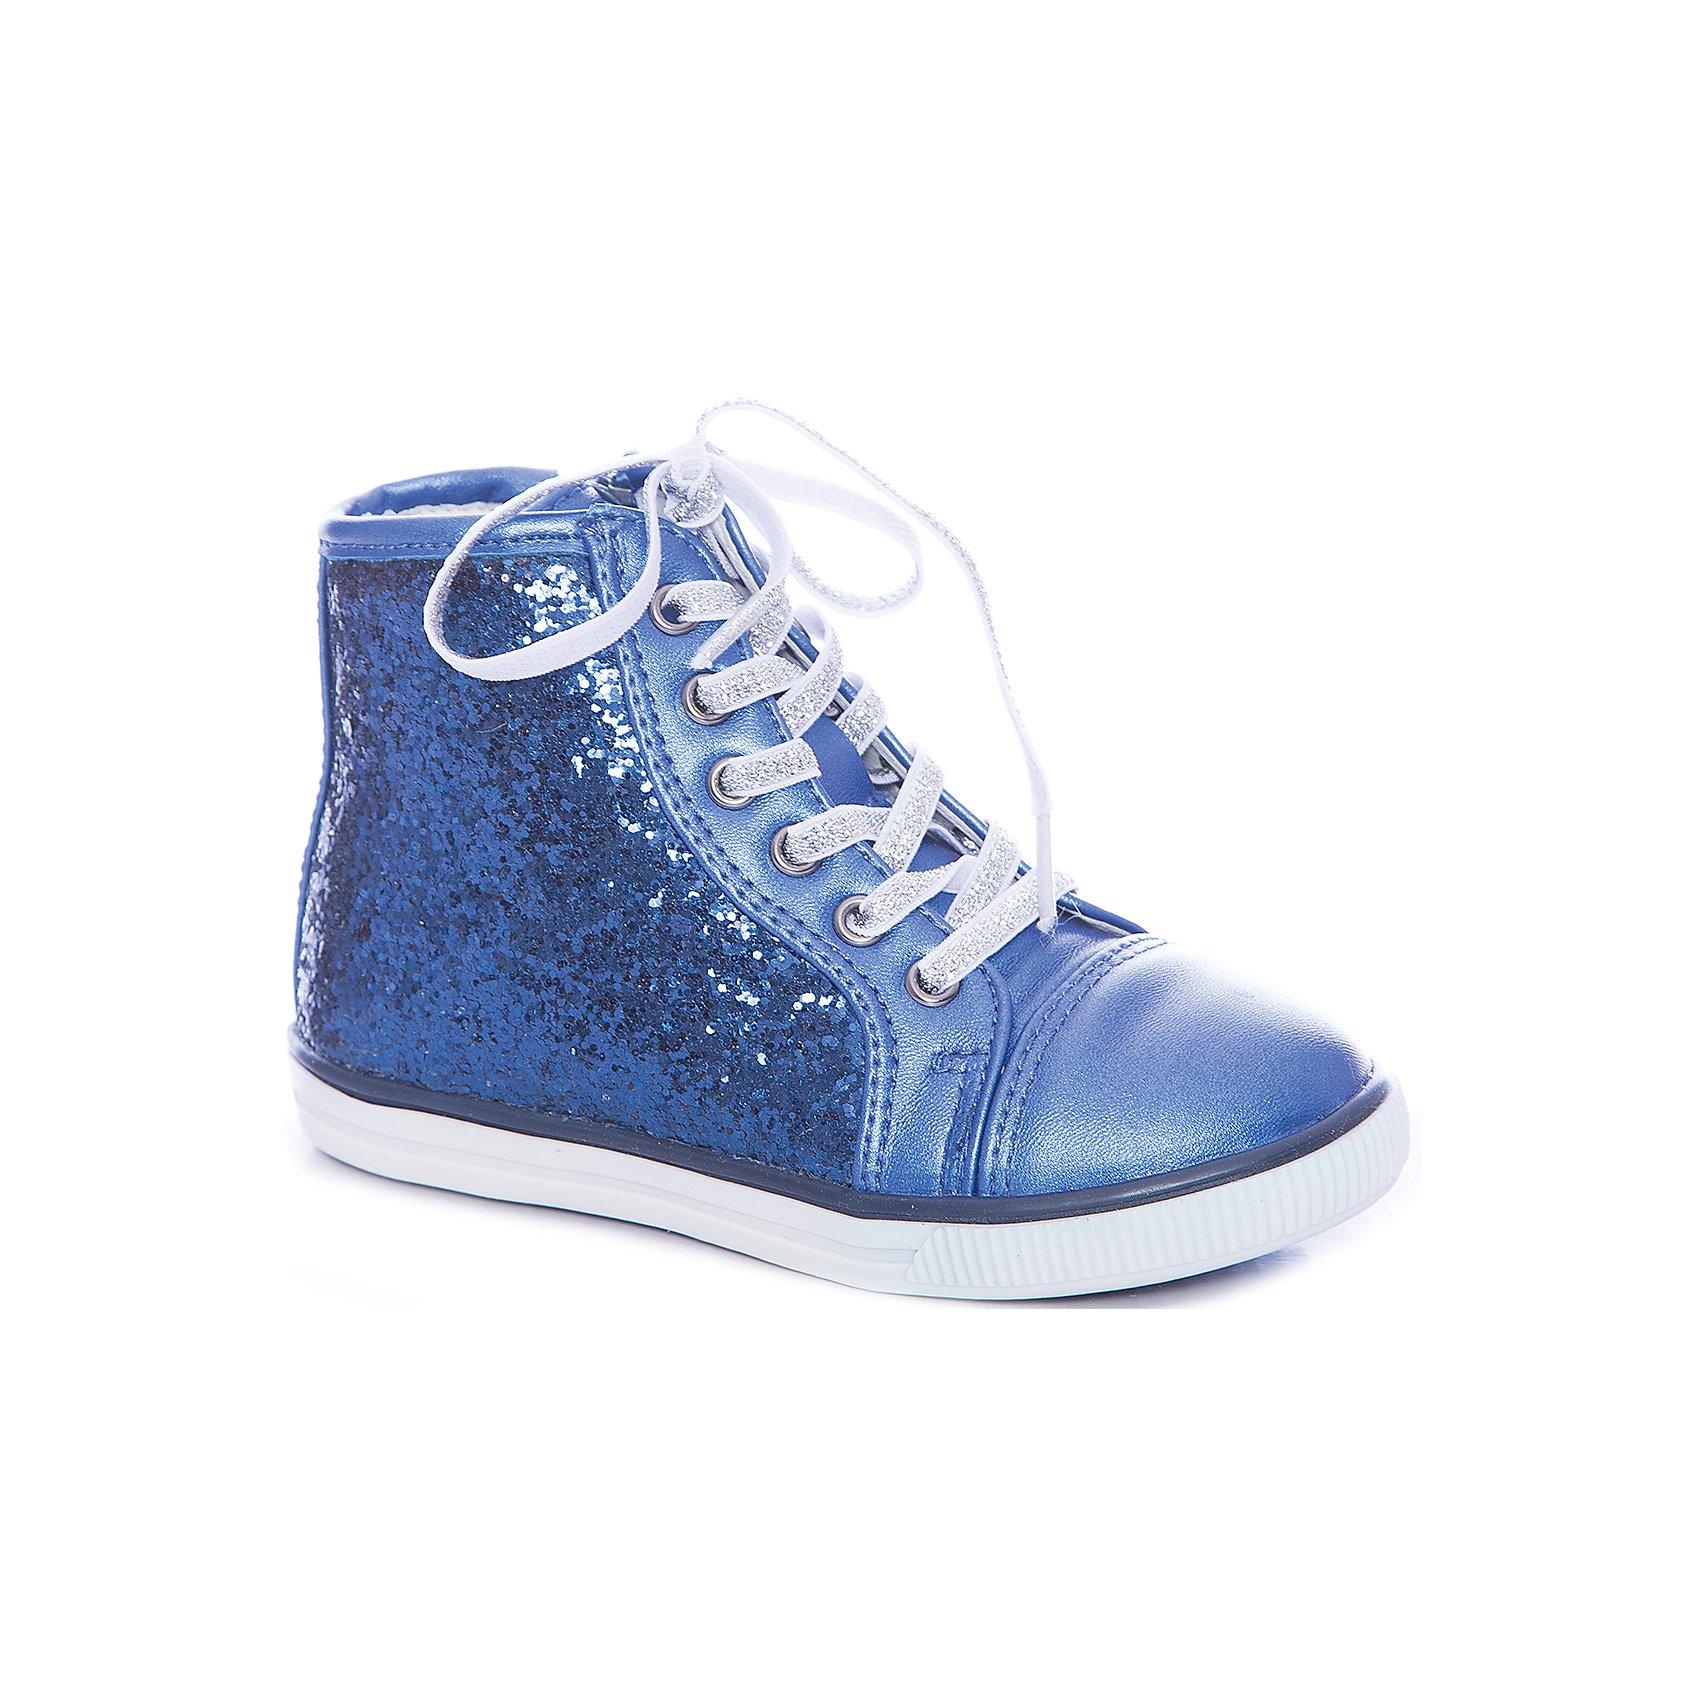 Ботинки для девочки GulliverШикарные ботинки для девочки поразят воображение юной модницы! Перламутровая синяя искусственная кожа красиво гармонирует с боковыми деталями, усыпанными сверкающими стразами. Шнурки из серебристой тесьмы добавляют модели сияния. Если вы хотите купить модные ботинки для девочки и сделать образ ребенка интересным, свежим, неожиданным, выбор этой модели - правильное решение! Подкладка ботинок выполнена из натуральной кожи. Для удобства одевания-раздевания ботинки имеют боковые молнии.<br>Состав:<br>верх:                              иск.кожа;               подкладка: нат.кожа;                                     подошва:                              TPR<br><br>Ширина мм: 227<br>Глубина мм: 145<br>Высота мм: 124<br>Вес г: 325<br>Цвет: синий<br>Возраст от месяцев: 24<br>Возраст до месяцев: 24<br>Пол: Женский<br>Возраст: Детский<br>Размер: 25,27,30,29,28,26<br>SKU: 4534666